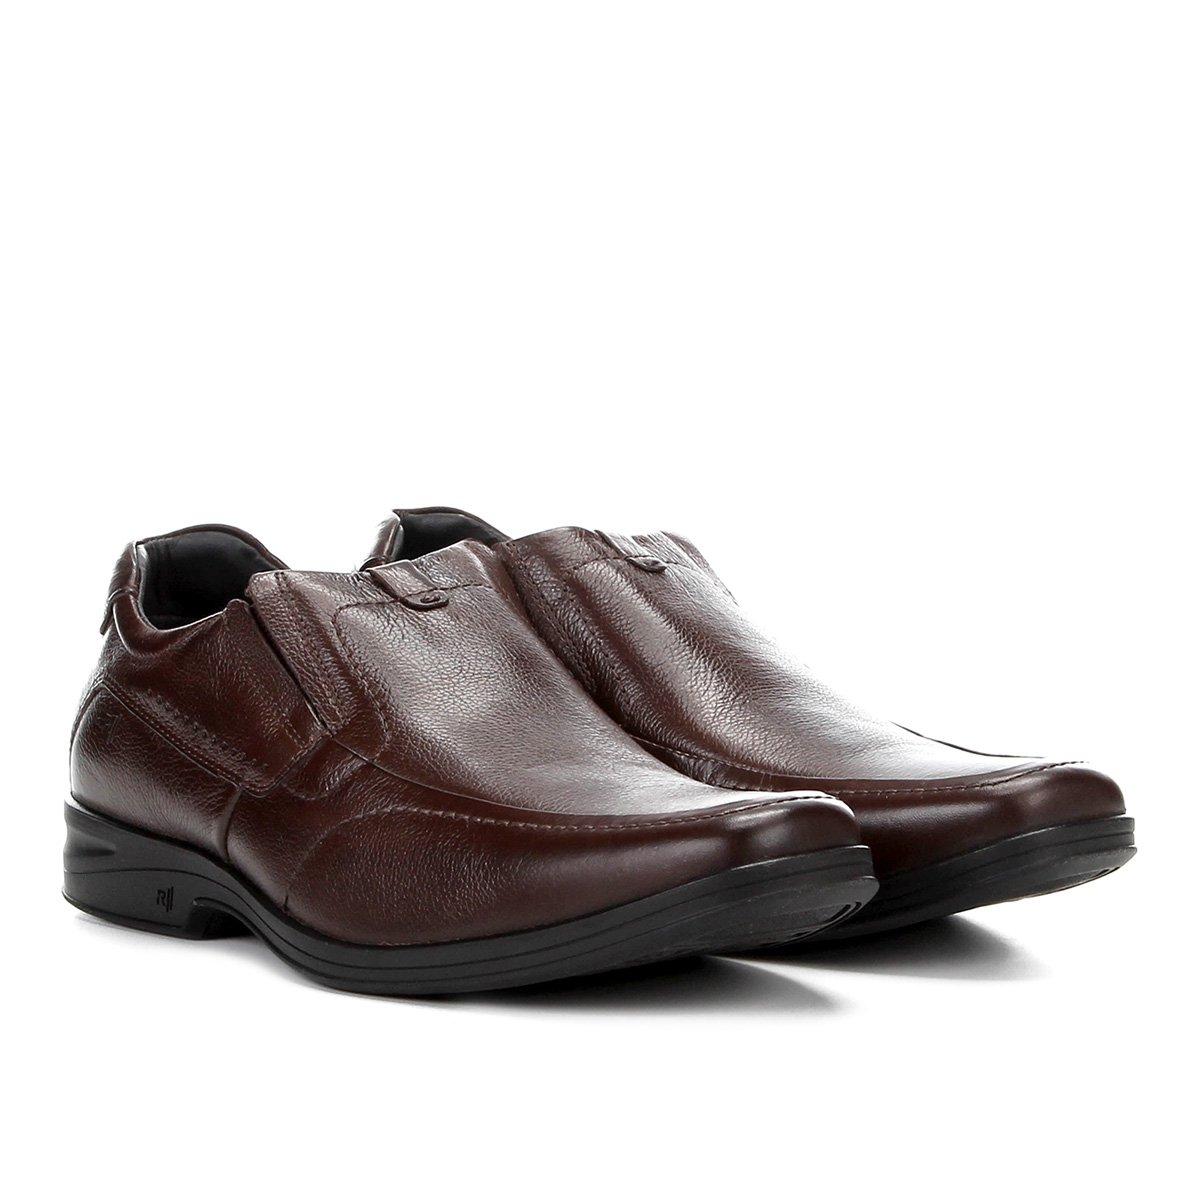 Confort Sapato Sapato Rafarillo Marrom Couro Social Duo Social qZ8Ygq